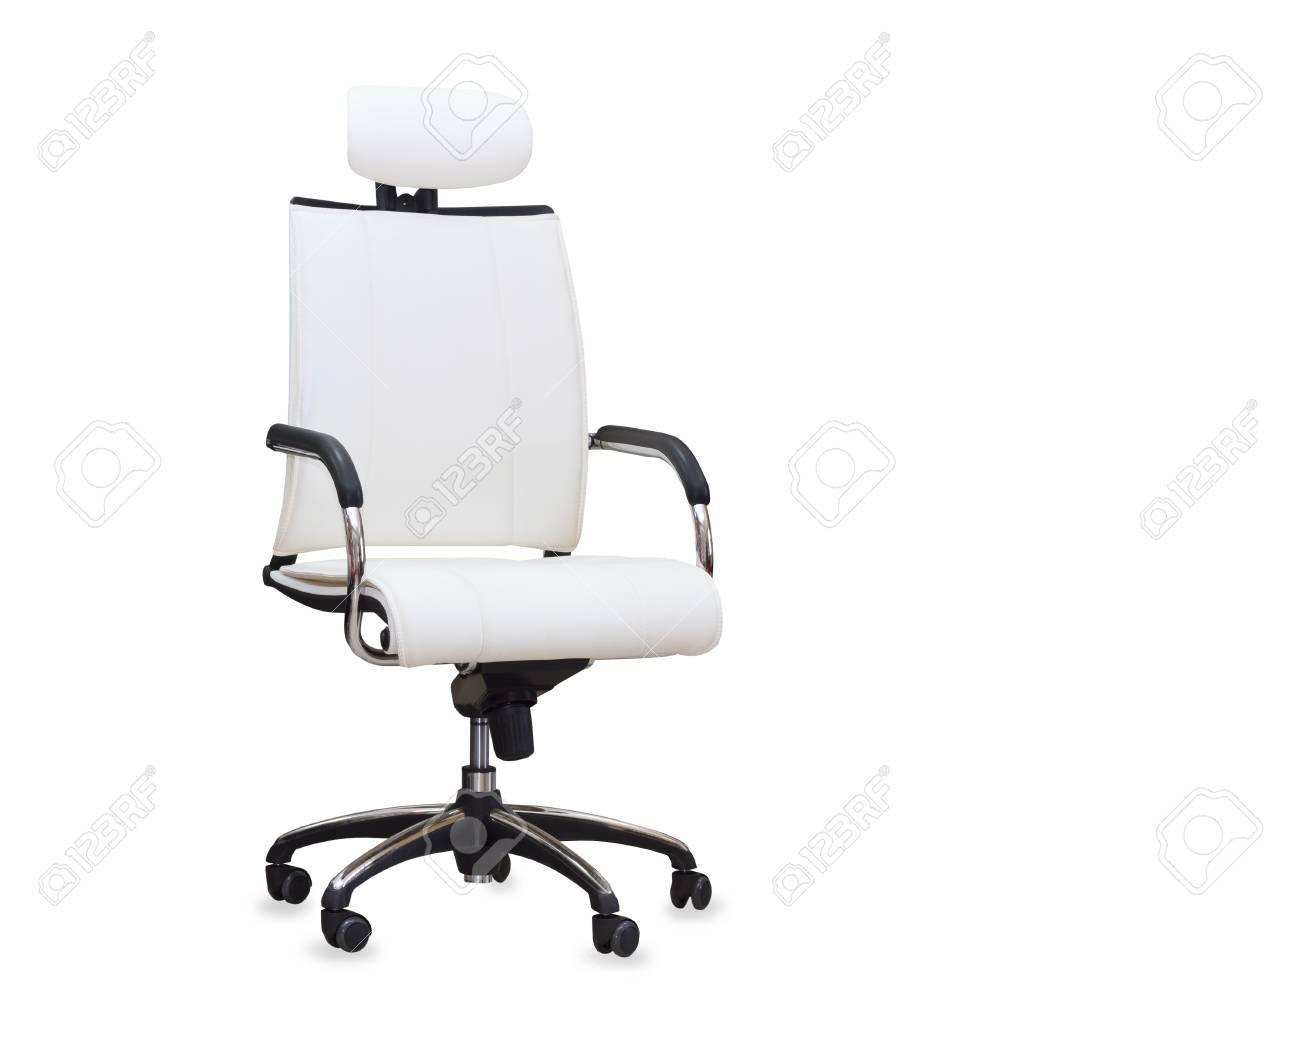 Sedia Da Ufficio Bianca.Immagini Stock Sedia Da Ufficio Moderna In Pelle Bianca Isolato